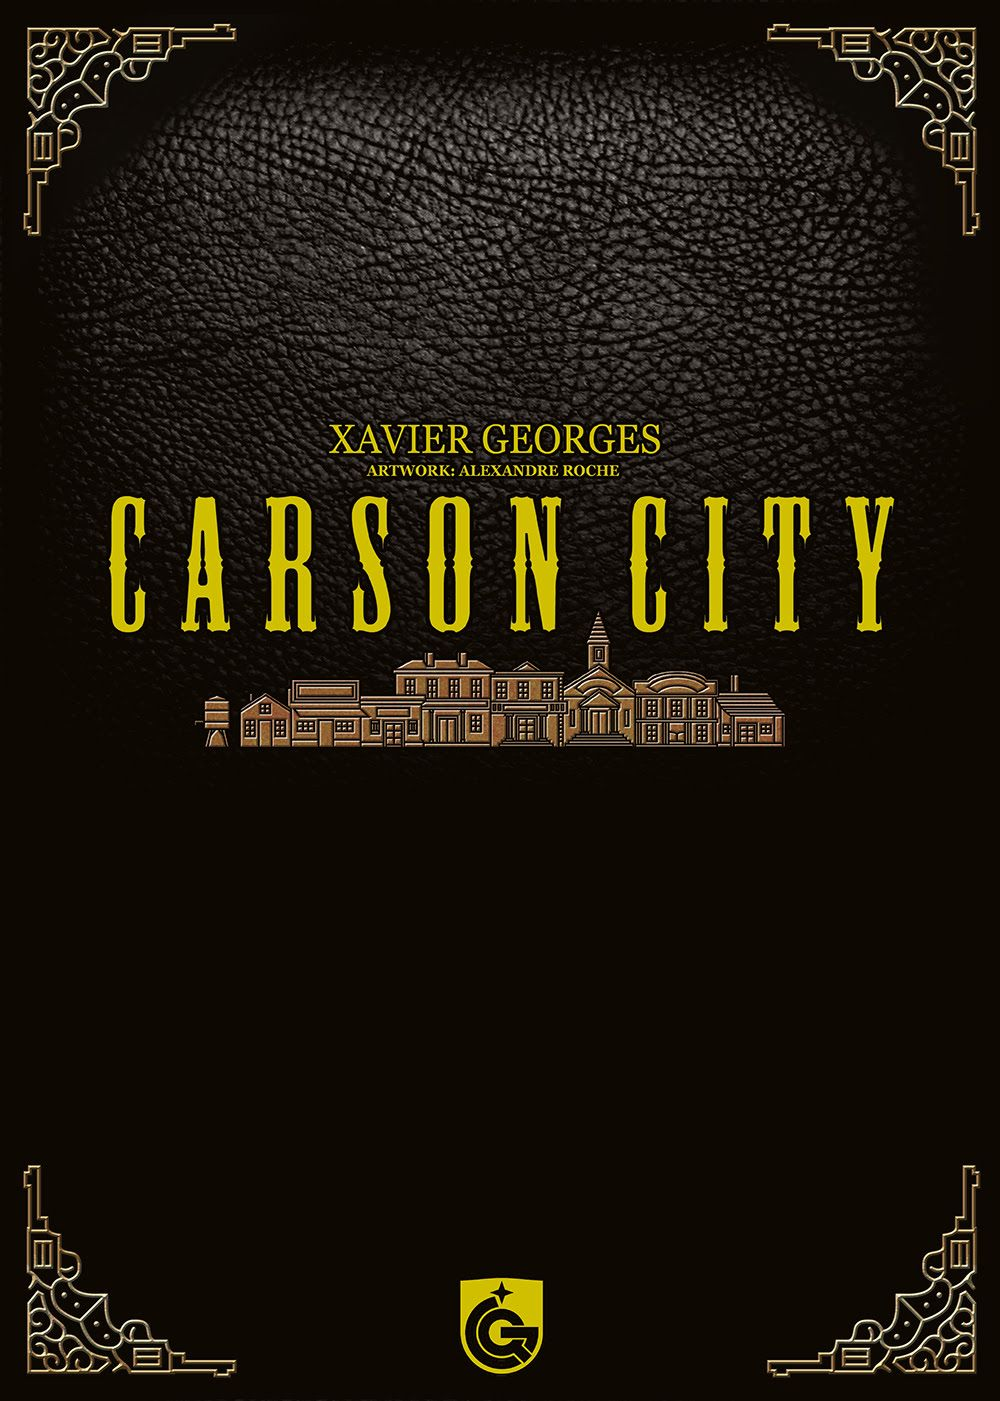 juegos colocación trabajadores - Carson City